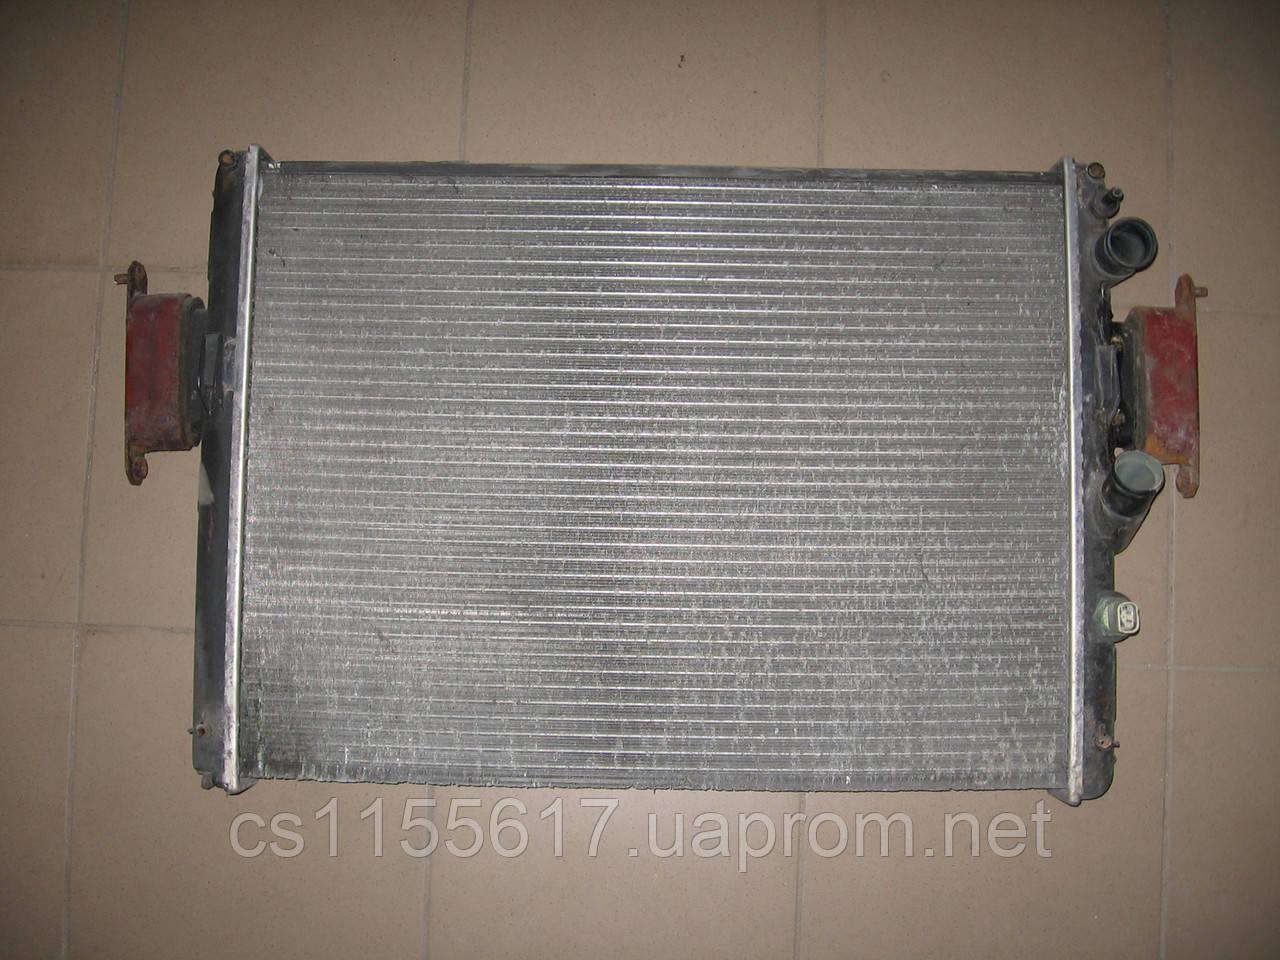 Радиатор охлаждения б/у на Iveco Daily E2 2.5td, 2.8td год 1996-1999